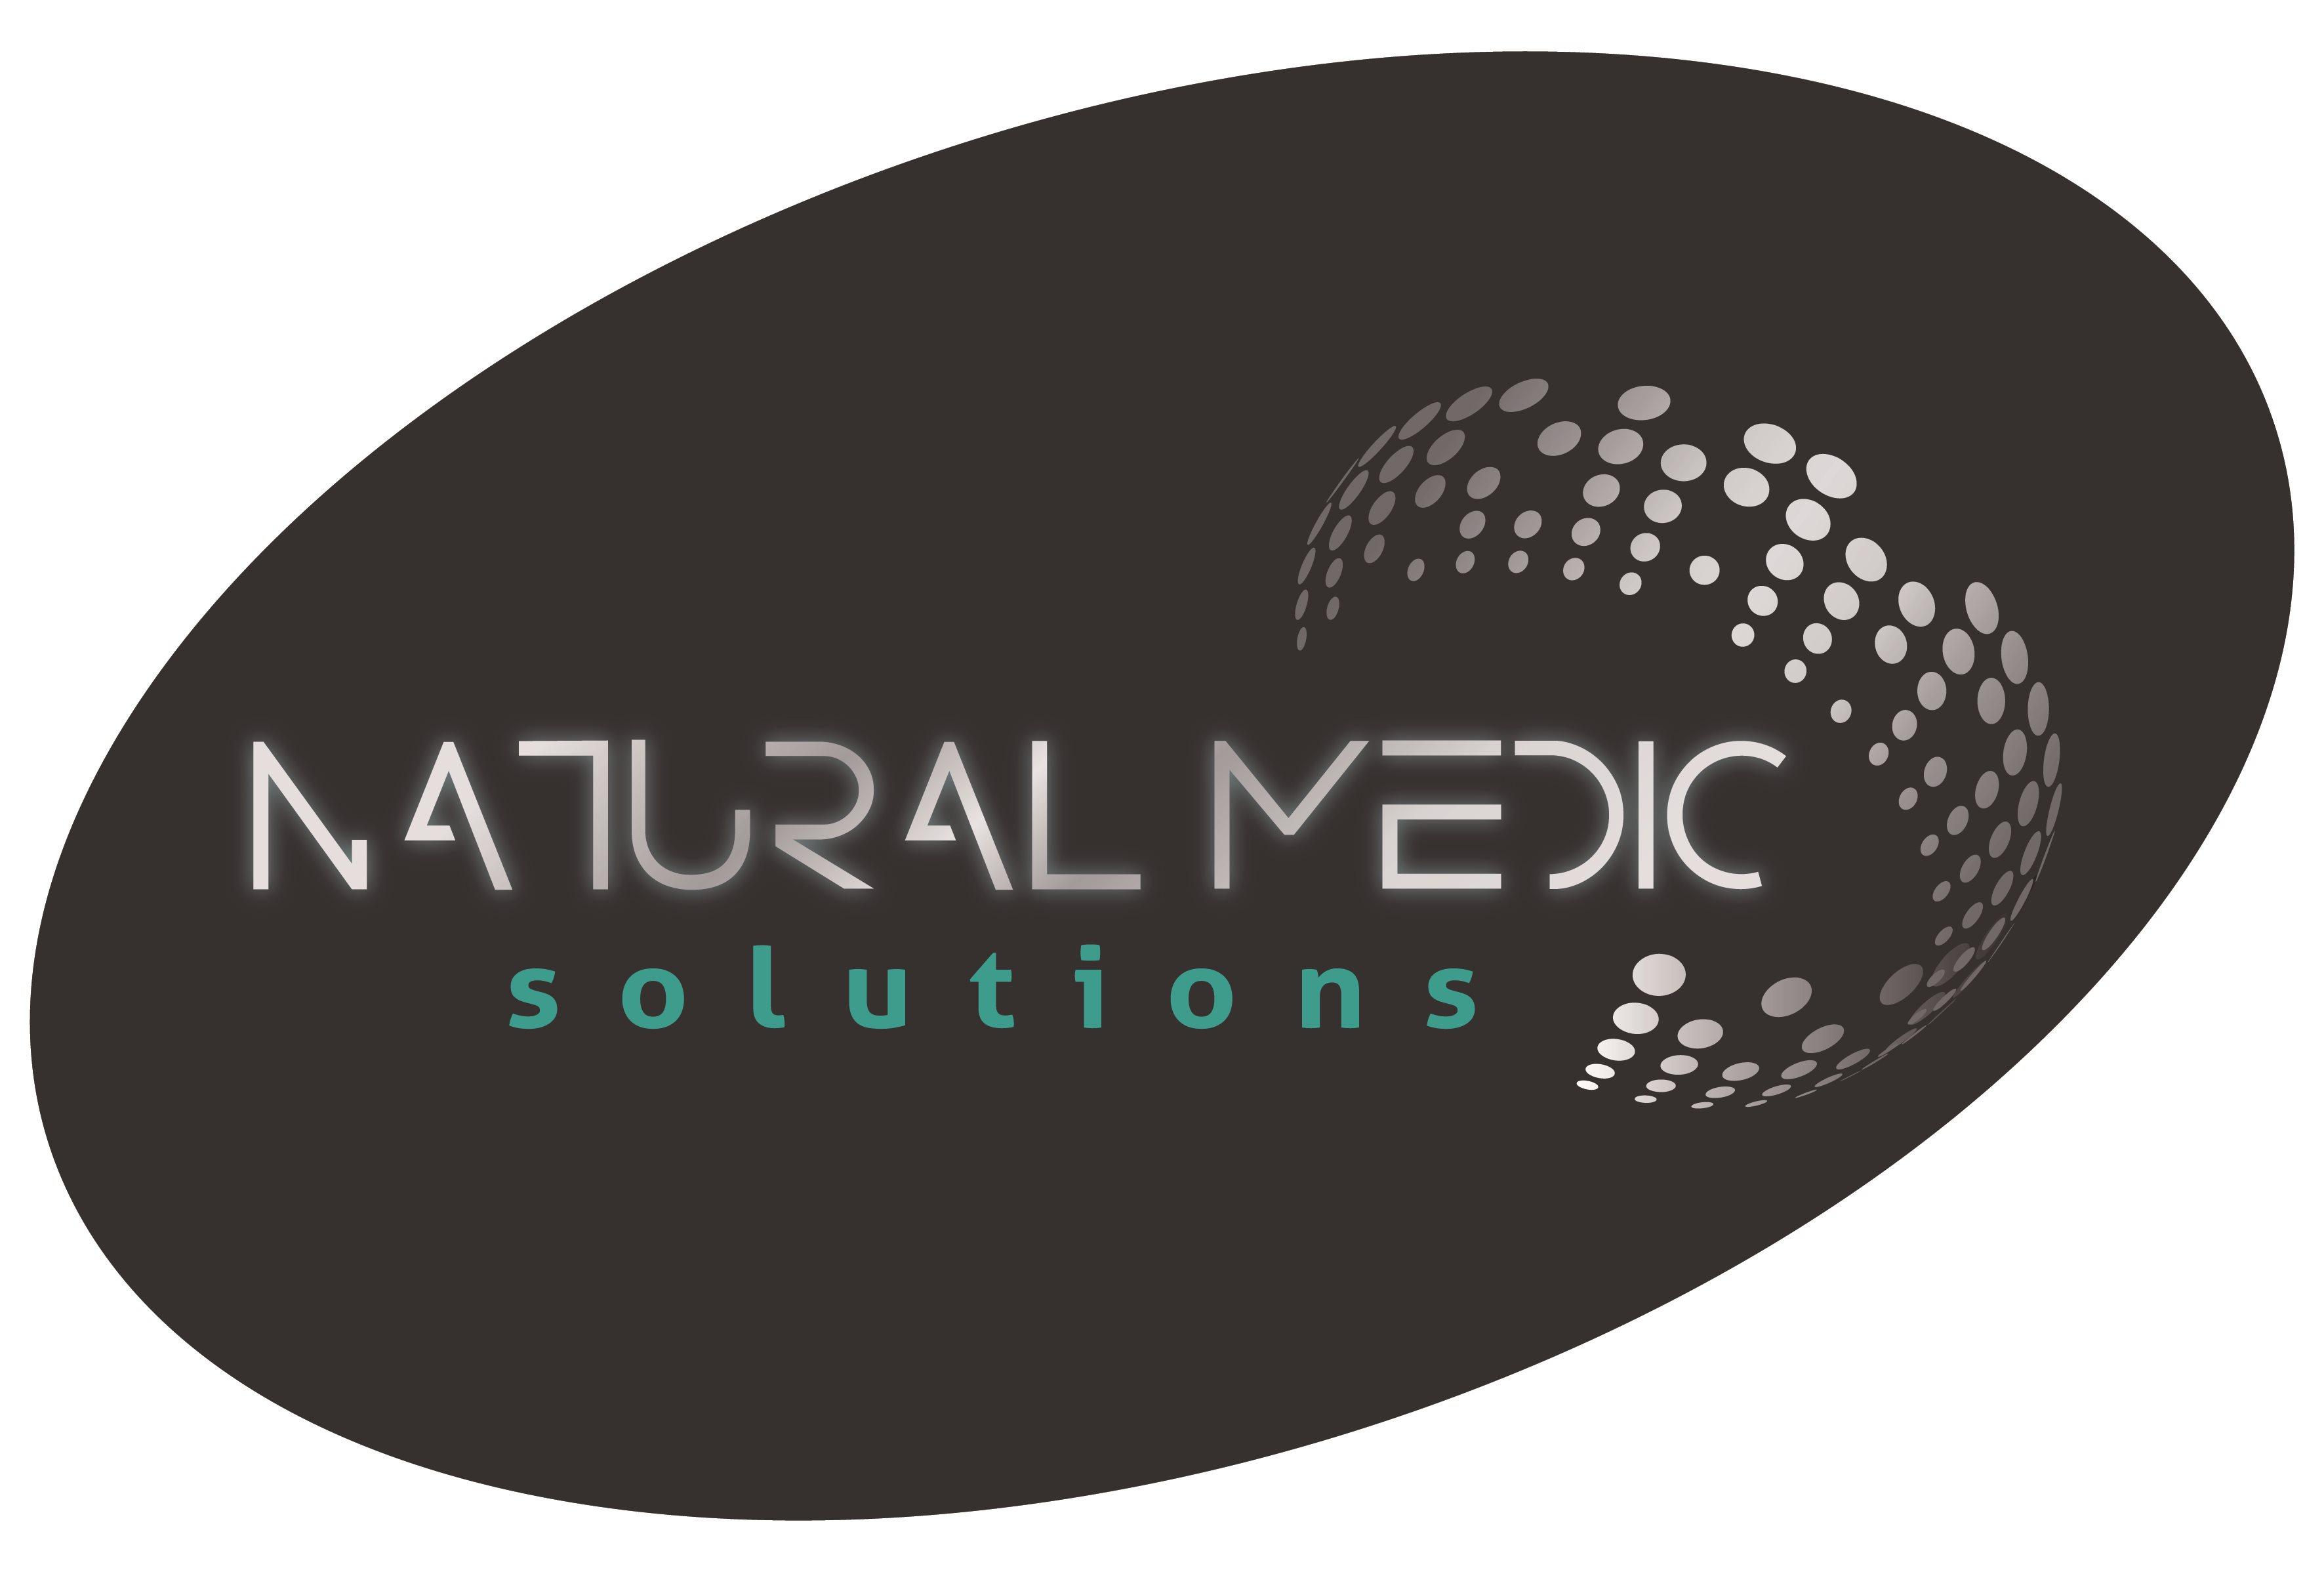 Natural Medic solutions sas